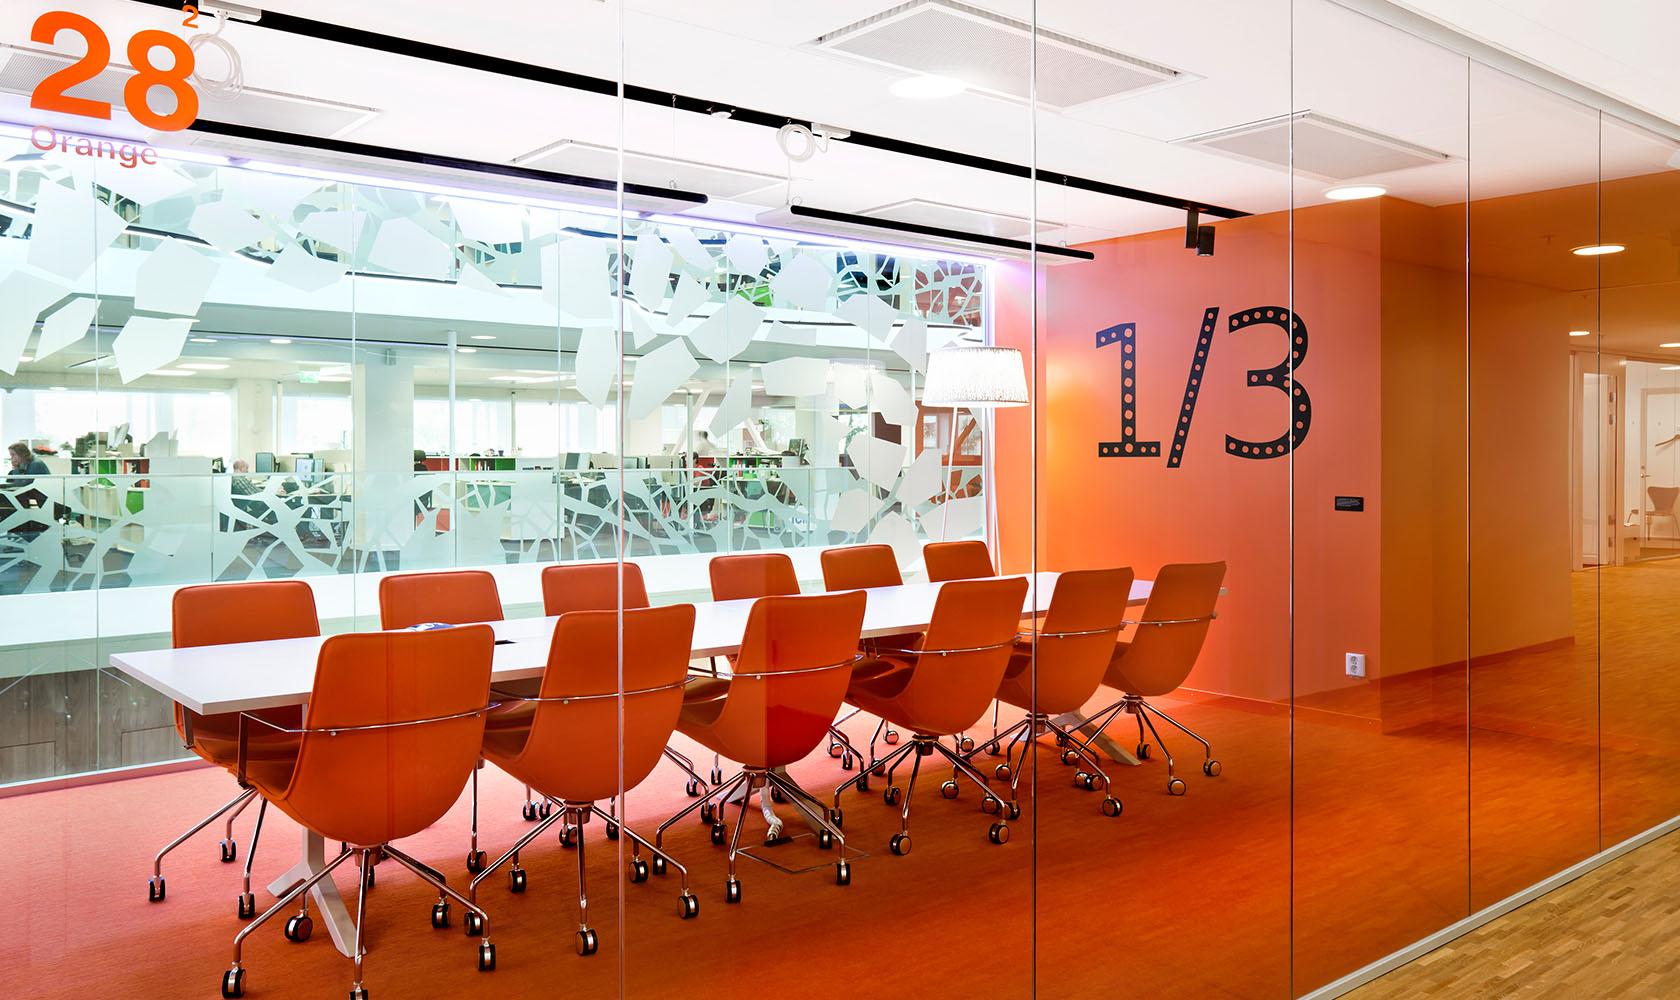 konferensrum i färgen orange